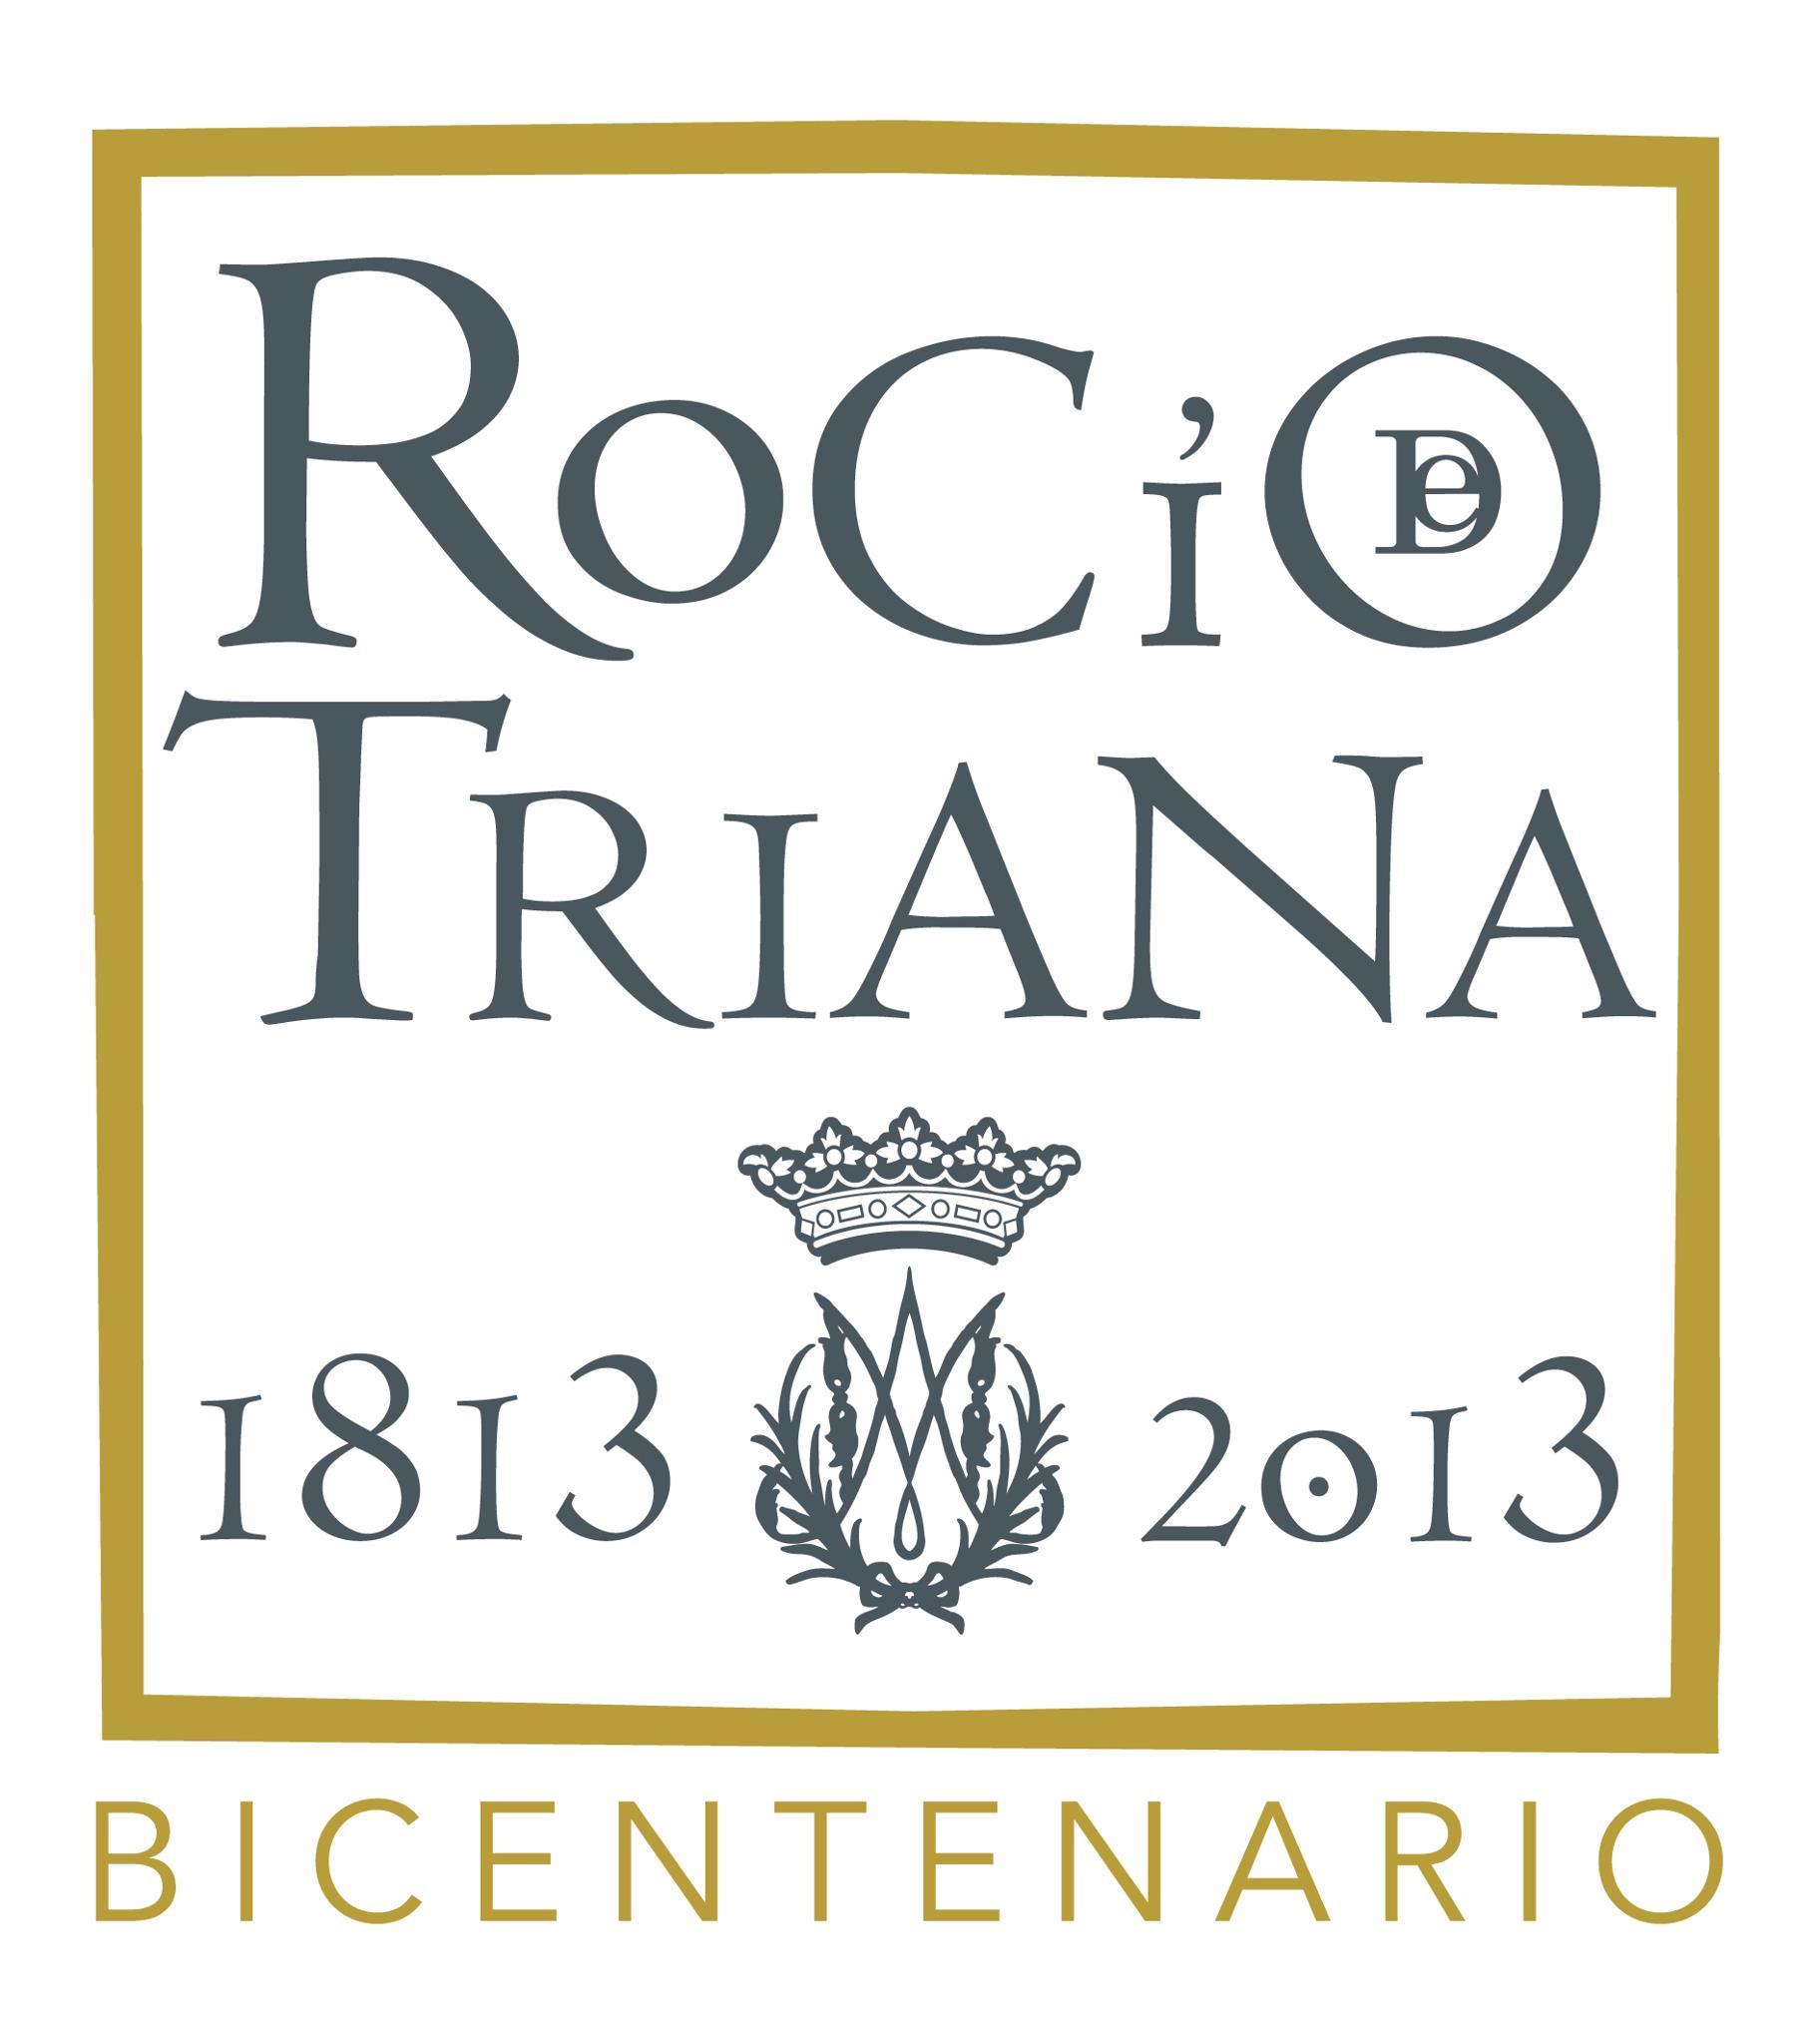 200 años del Rocío en Triana